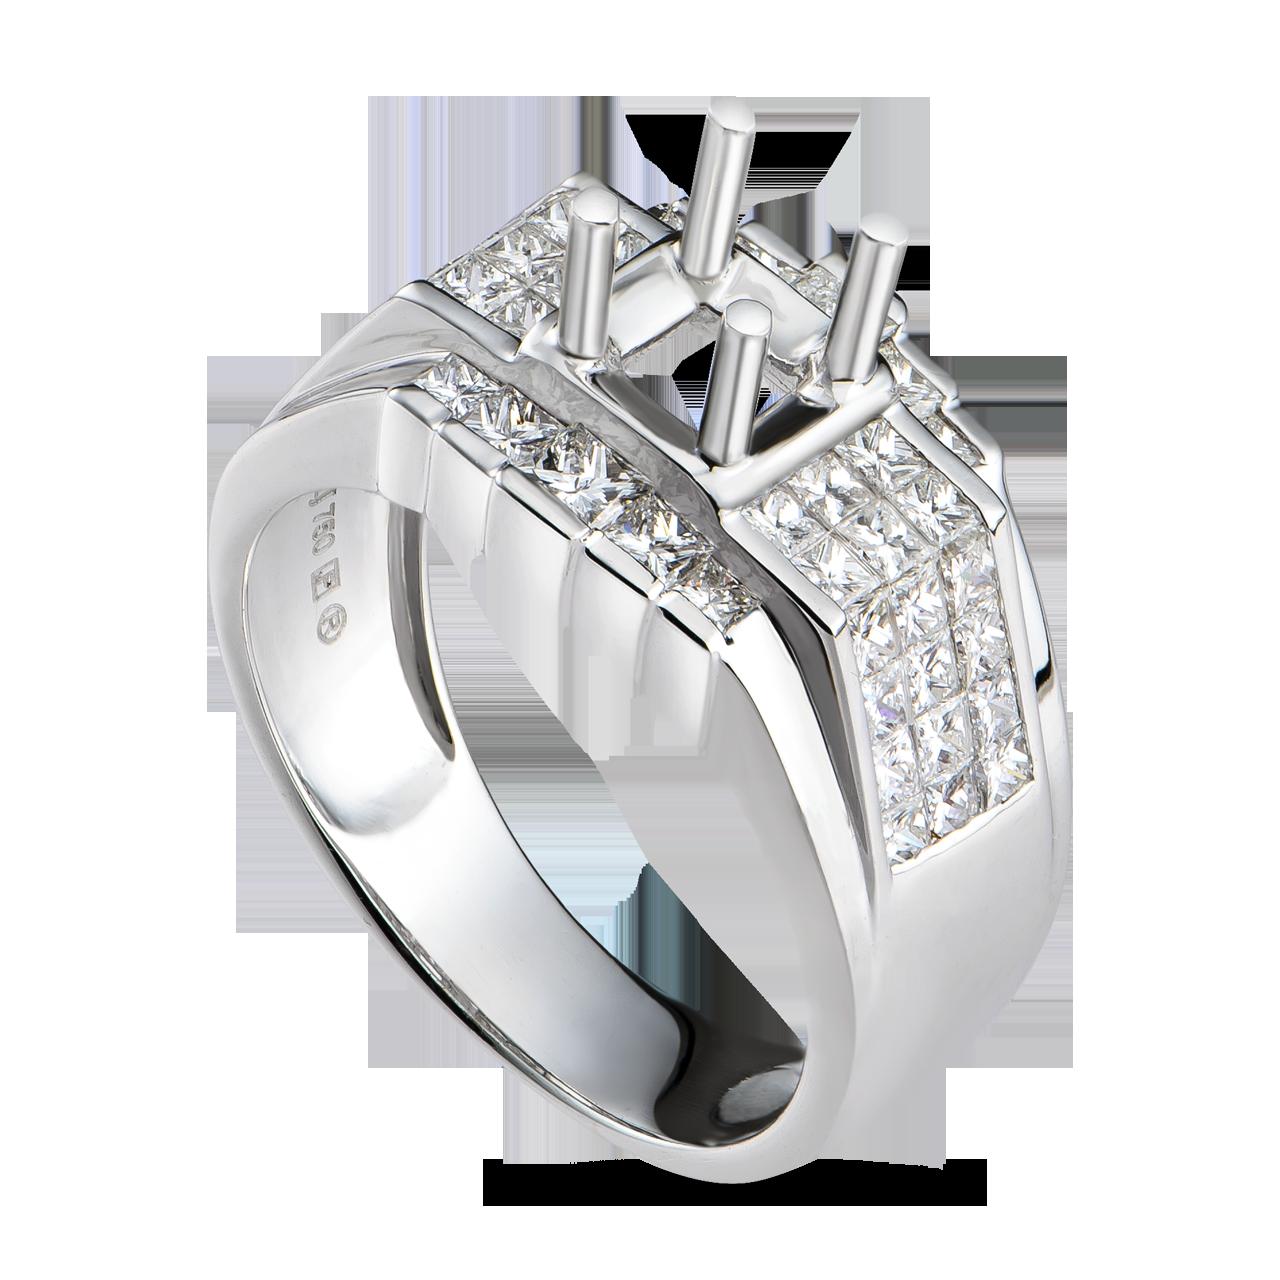 Vỏ nhẫn kim cương PNJ vàng trắng 18K 82053.502 - 3830104 , GNVRWA82053_502 , 274_GNVRWA82053_502_18 , 52580000 , Vo-nhan-kim-cuong-PNJ-vang-trang-18K-82053.502-274_GNVRWA82053_502_18 , pnj.com.vn , Vỏ nhẫn kim cương PNJ vàng trắng 18K 82053.502